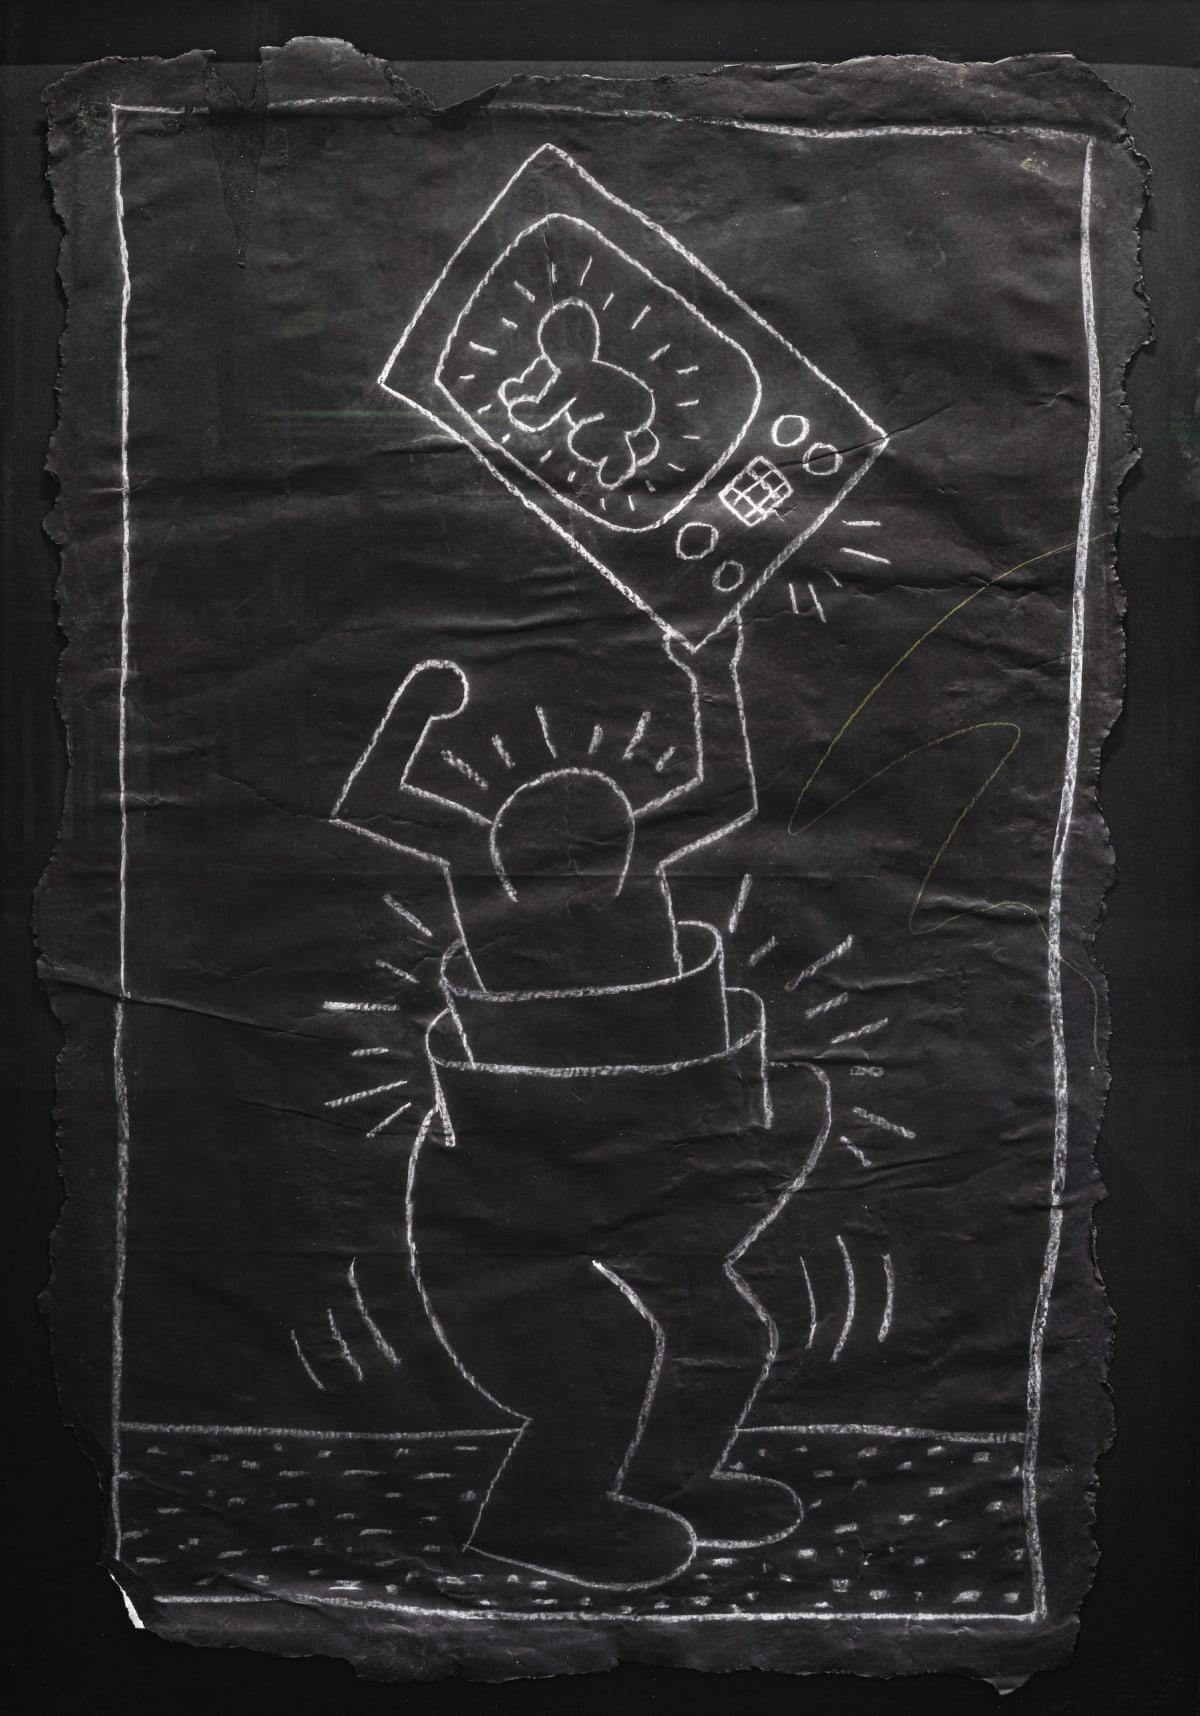 Keith Haring, Subway Drawing, 1983